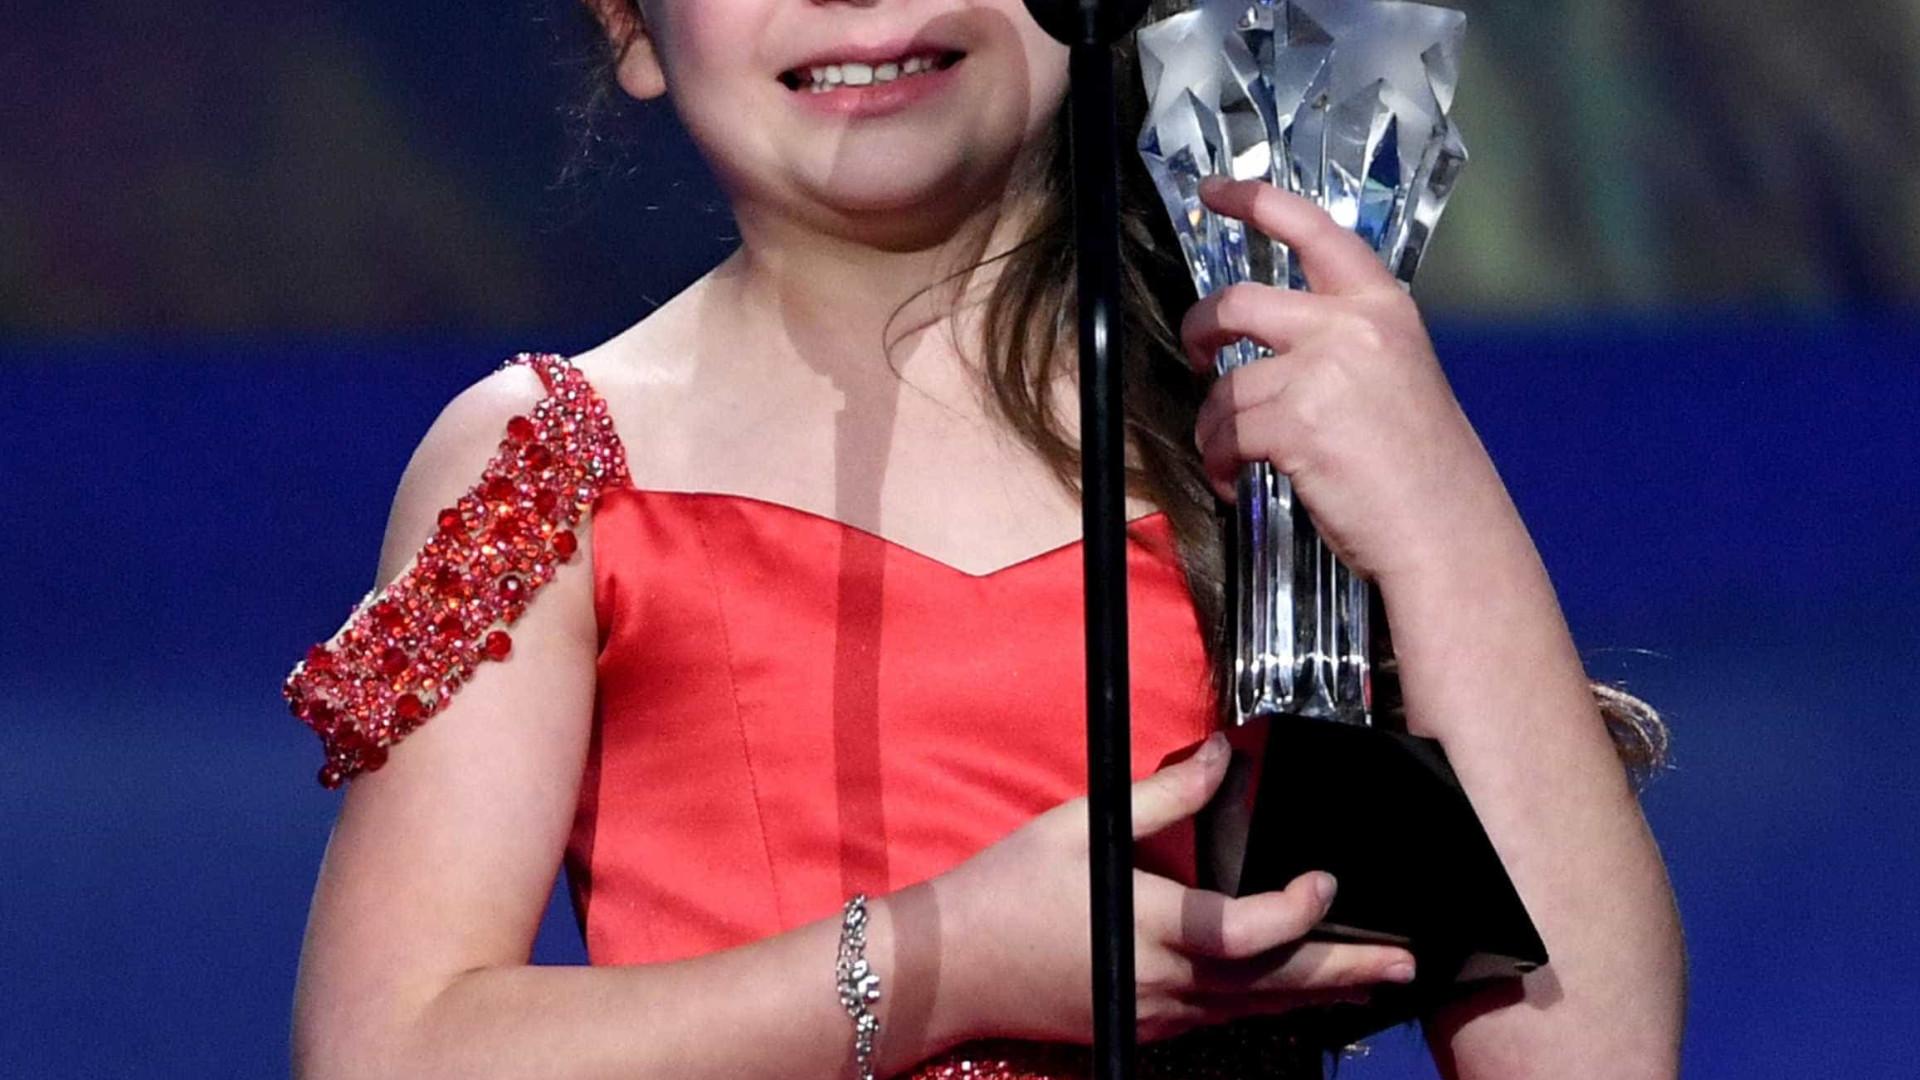 Em lágrimas, atriz de sete anos recebe prêmio e deixa plateia comovida